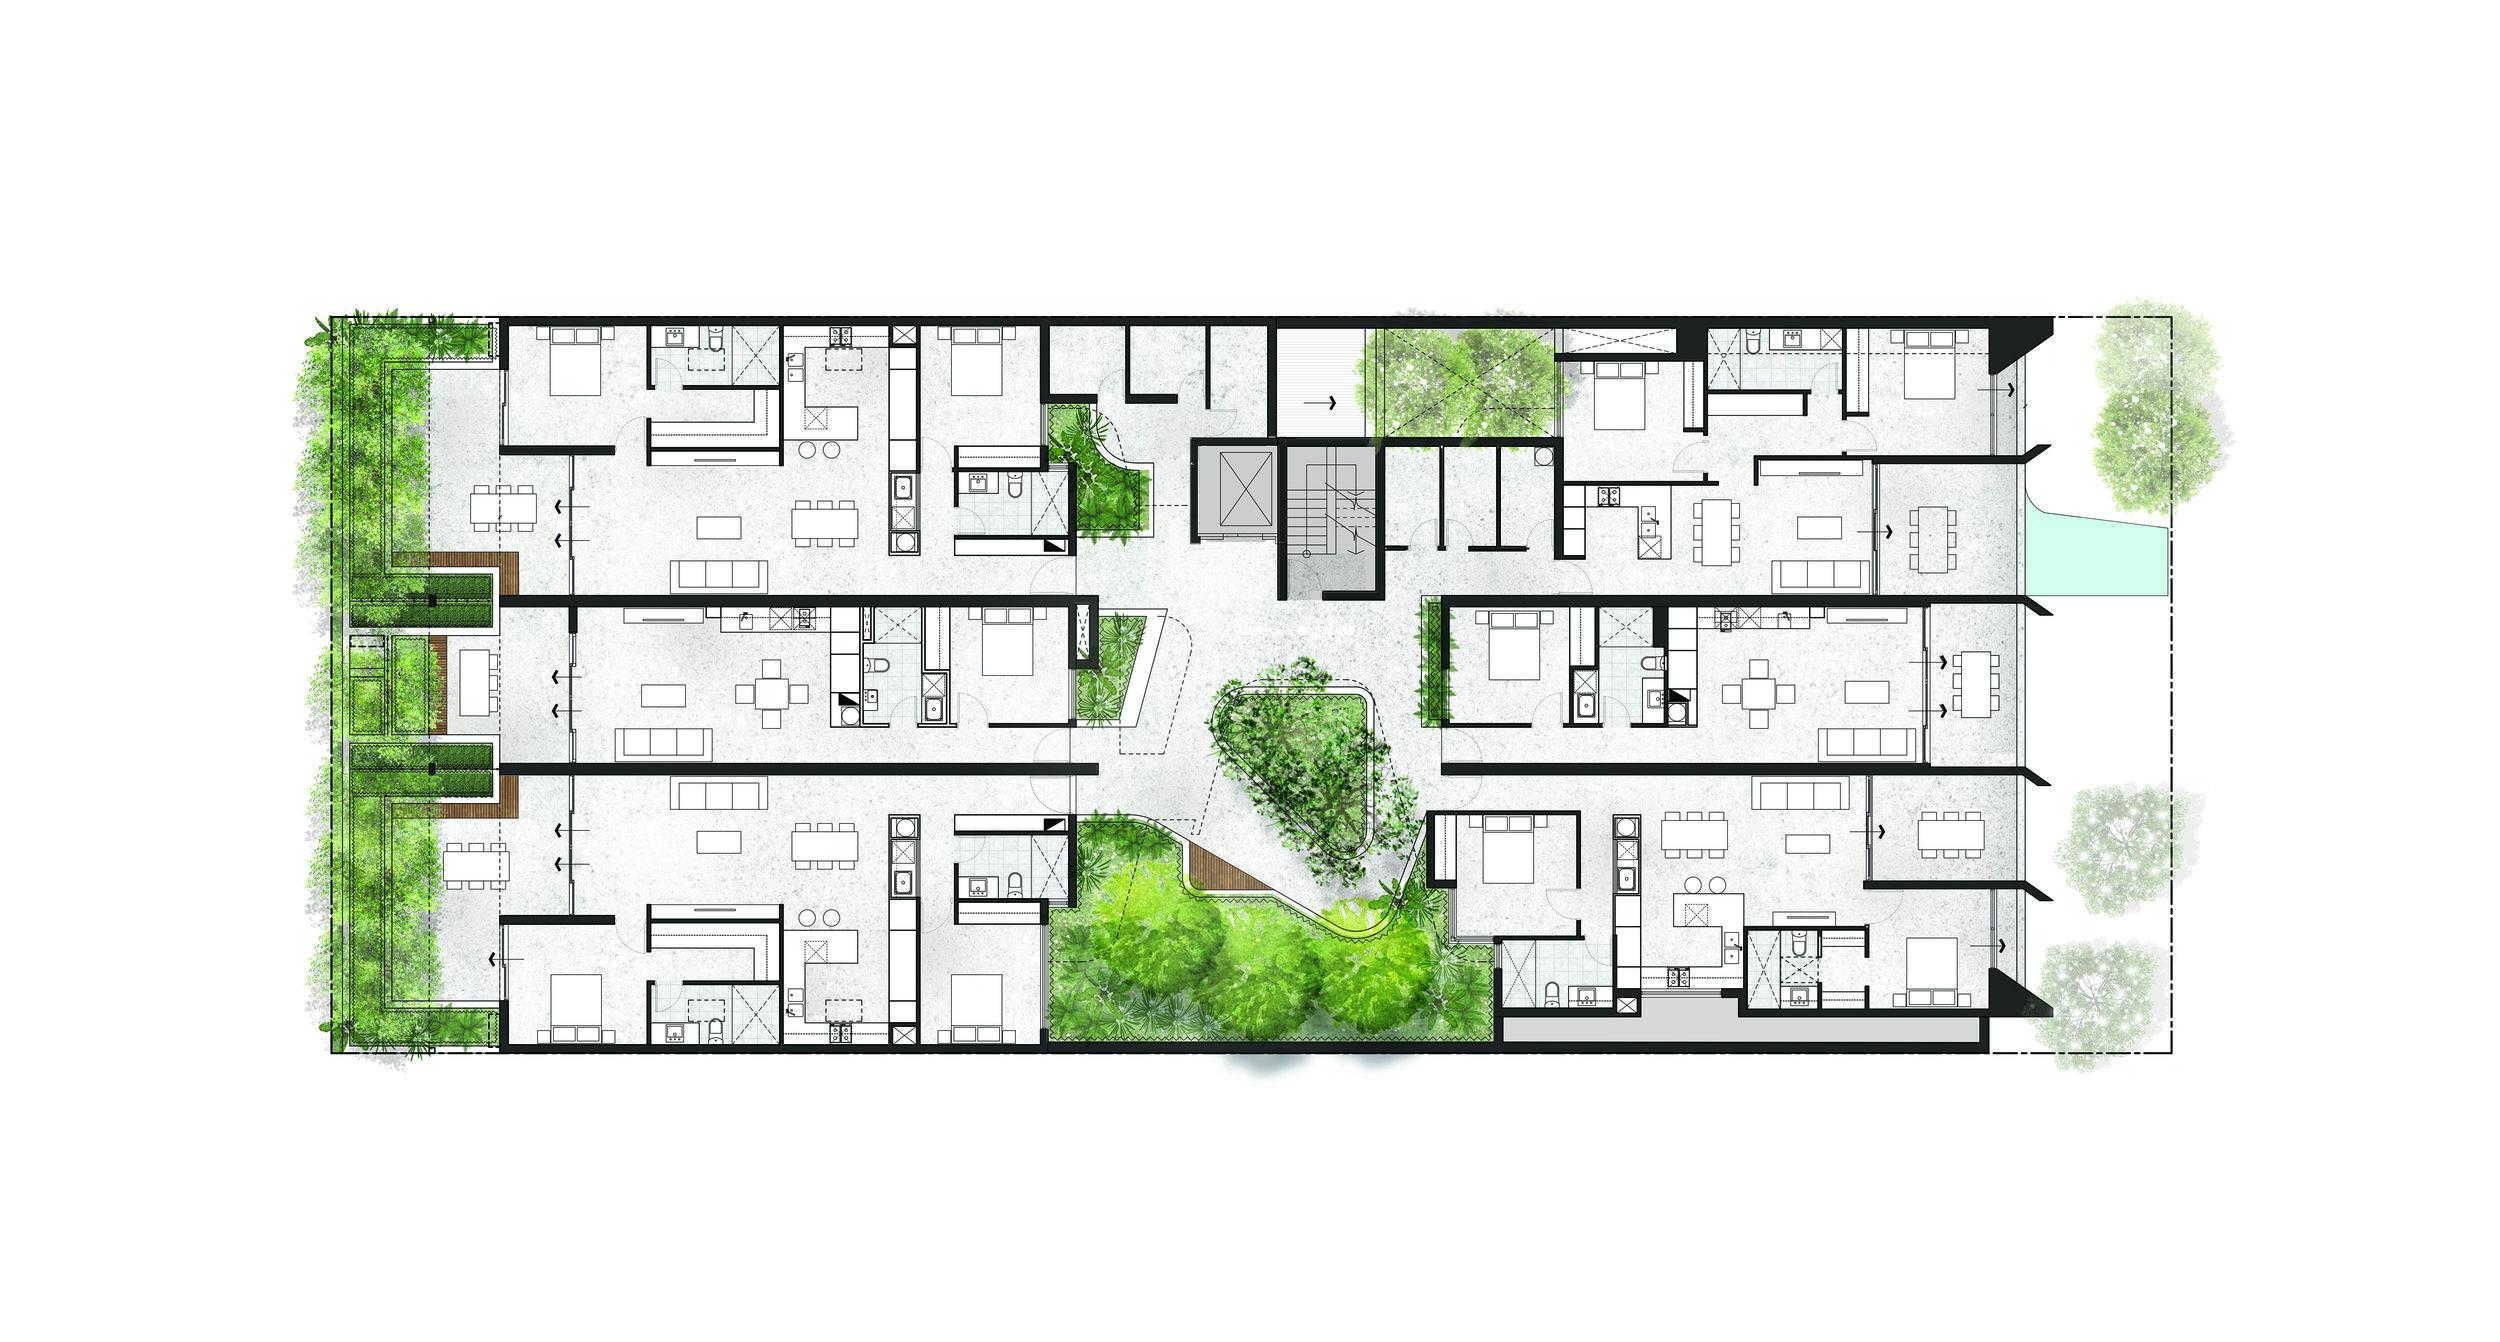 1816_A2.03_First Floor Plan_website copy.jpg